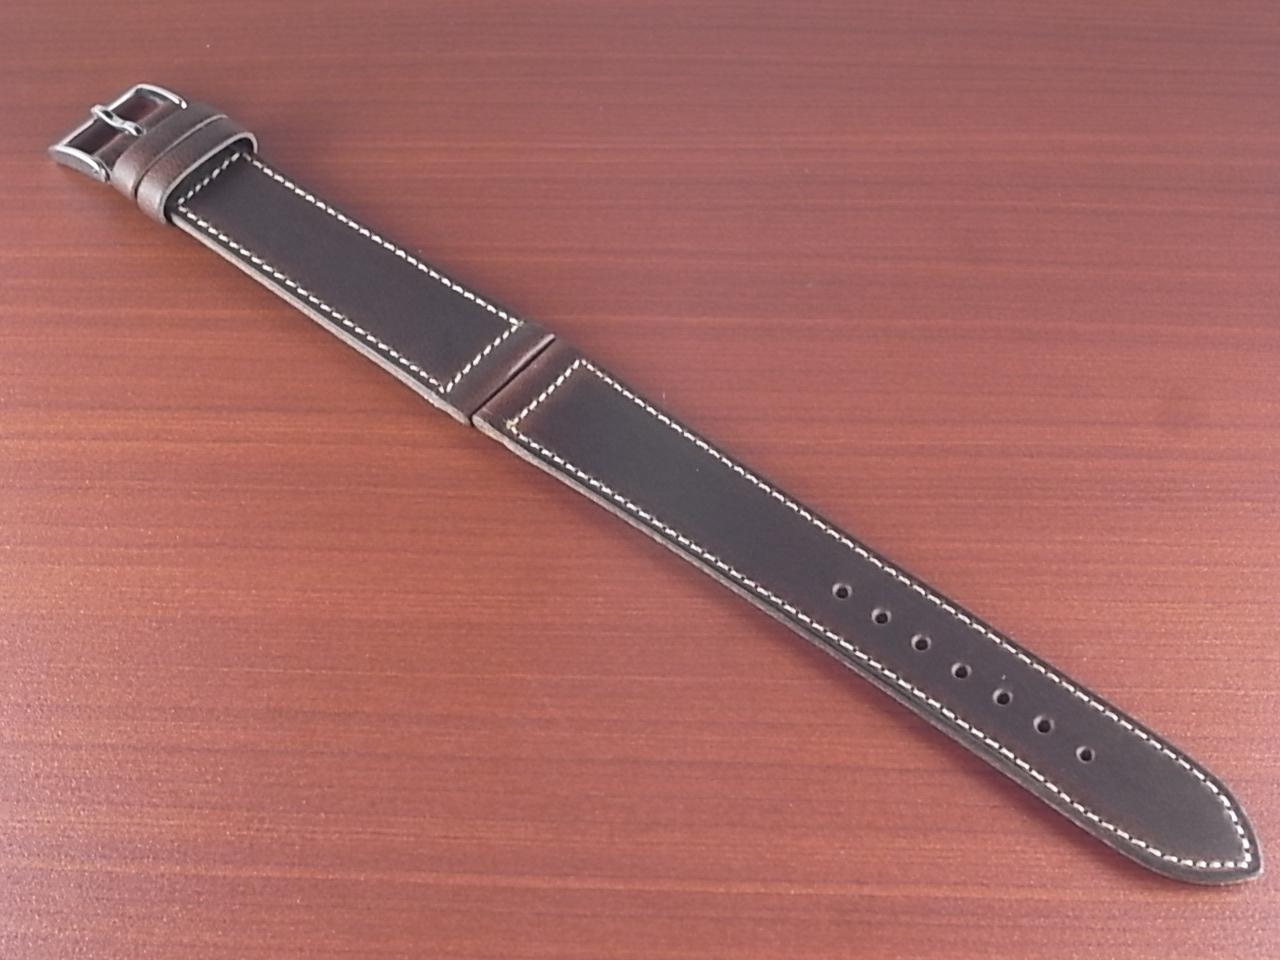 ホーウィン クロムエクセル レギュラー チョコ 16、17、18、19、20mmのメイン写真